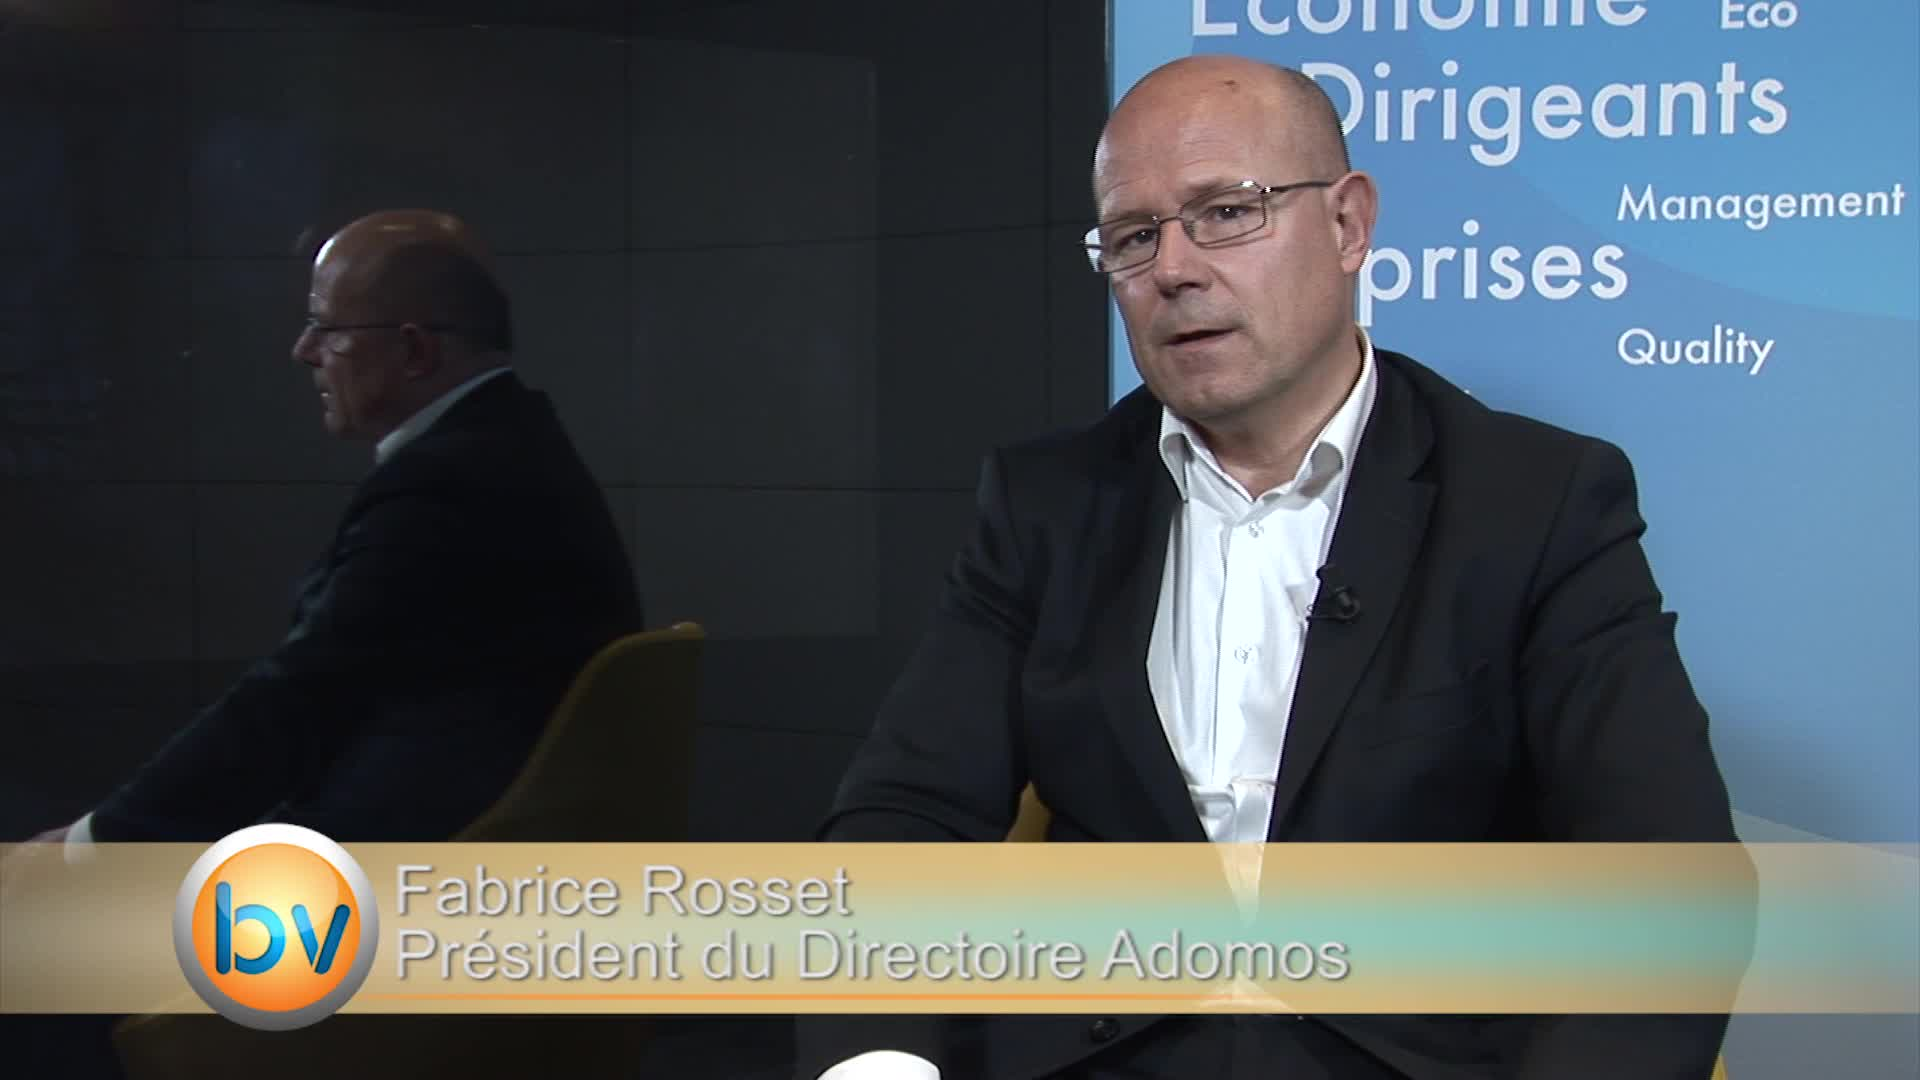 """Fabrice Rosset Président du Directoire Adomos : """"Le marché est en train de fortement redémarrer"""""""